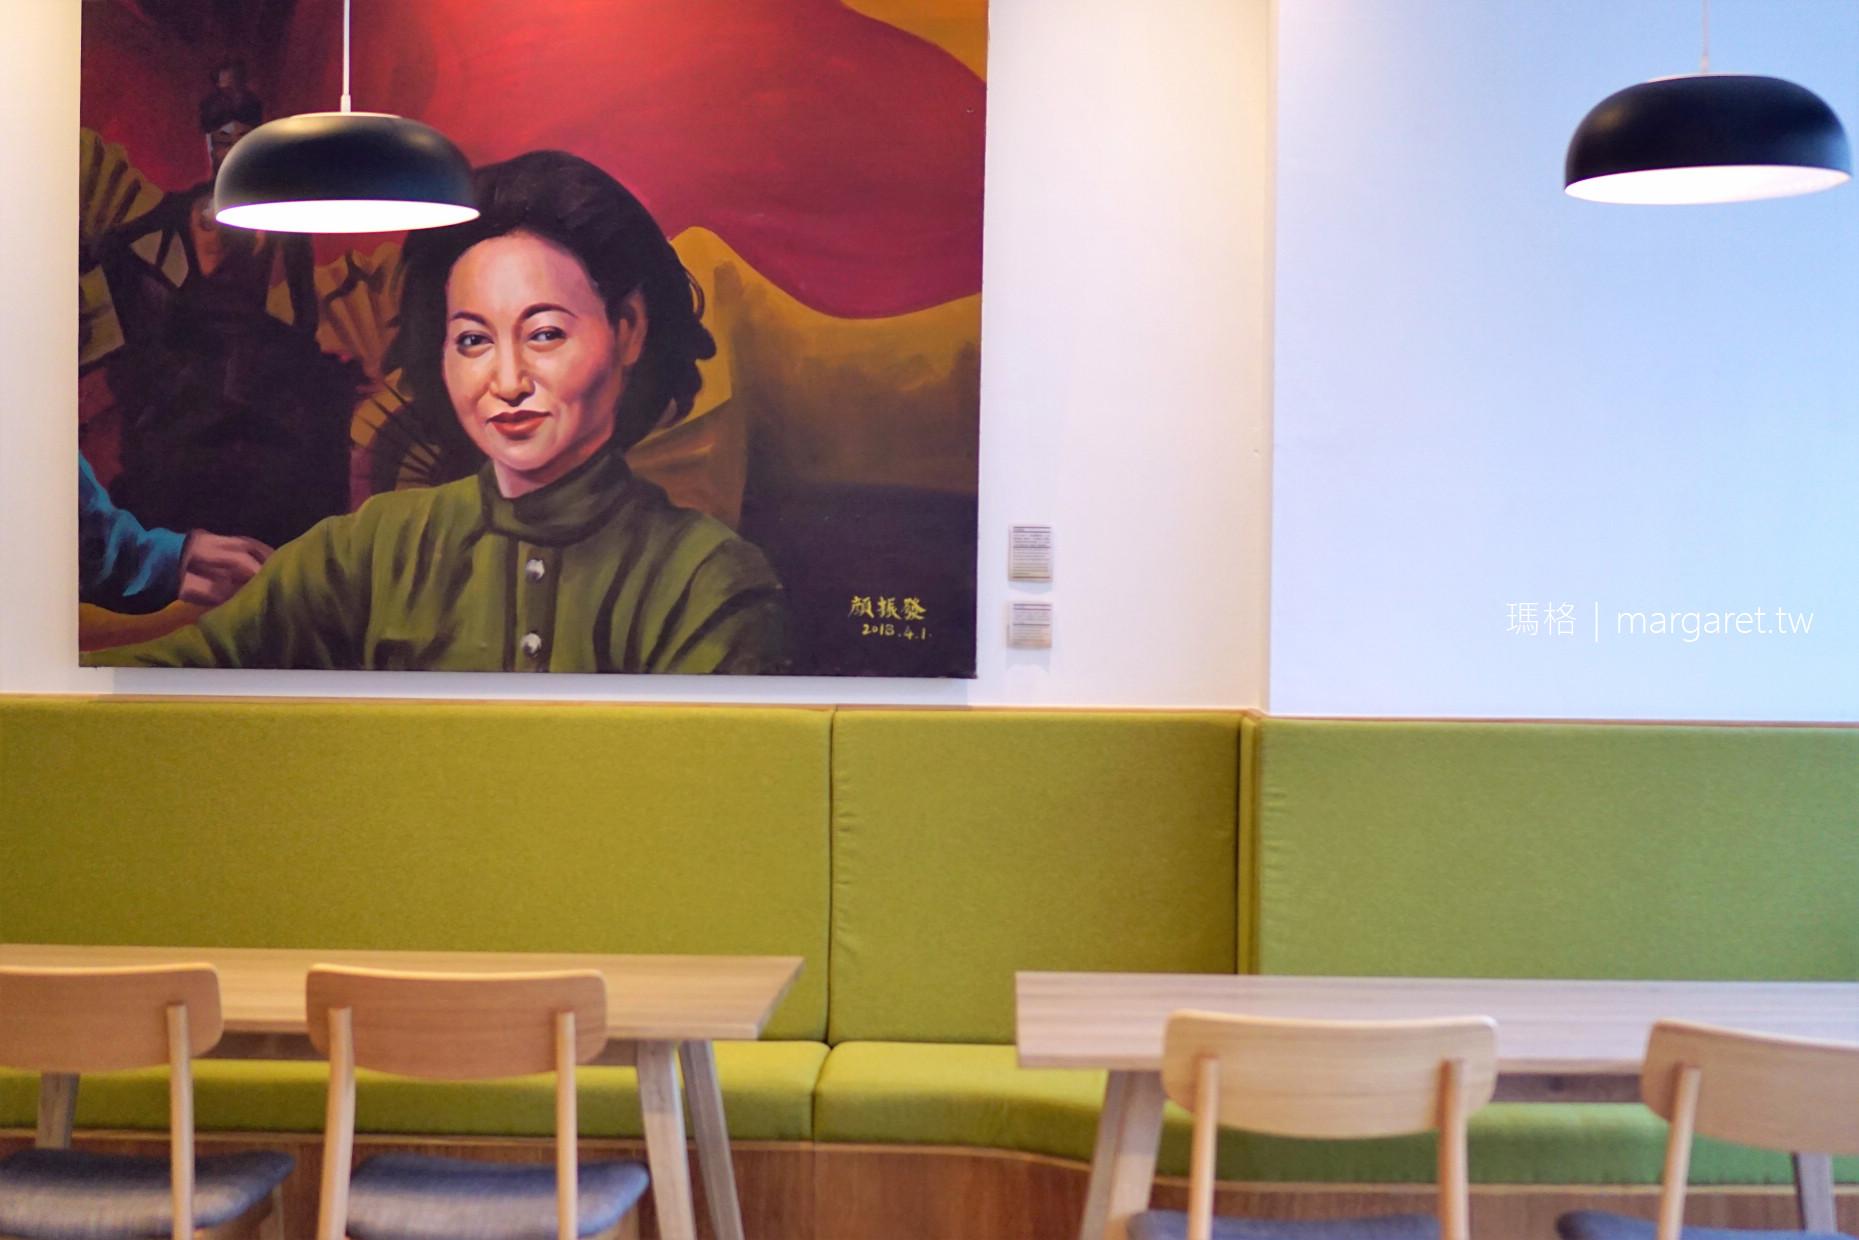 良文旅。台南火車站平價優質民宿|房價千元還附早餐。2020年6月新開幕